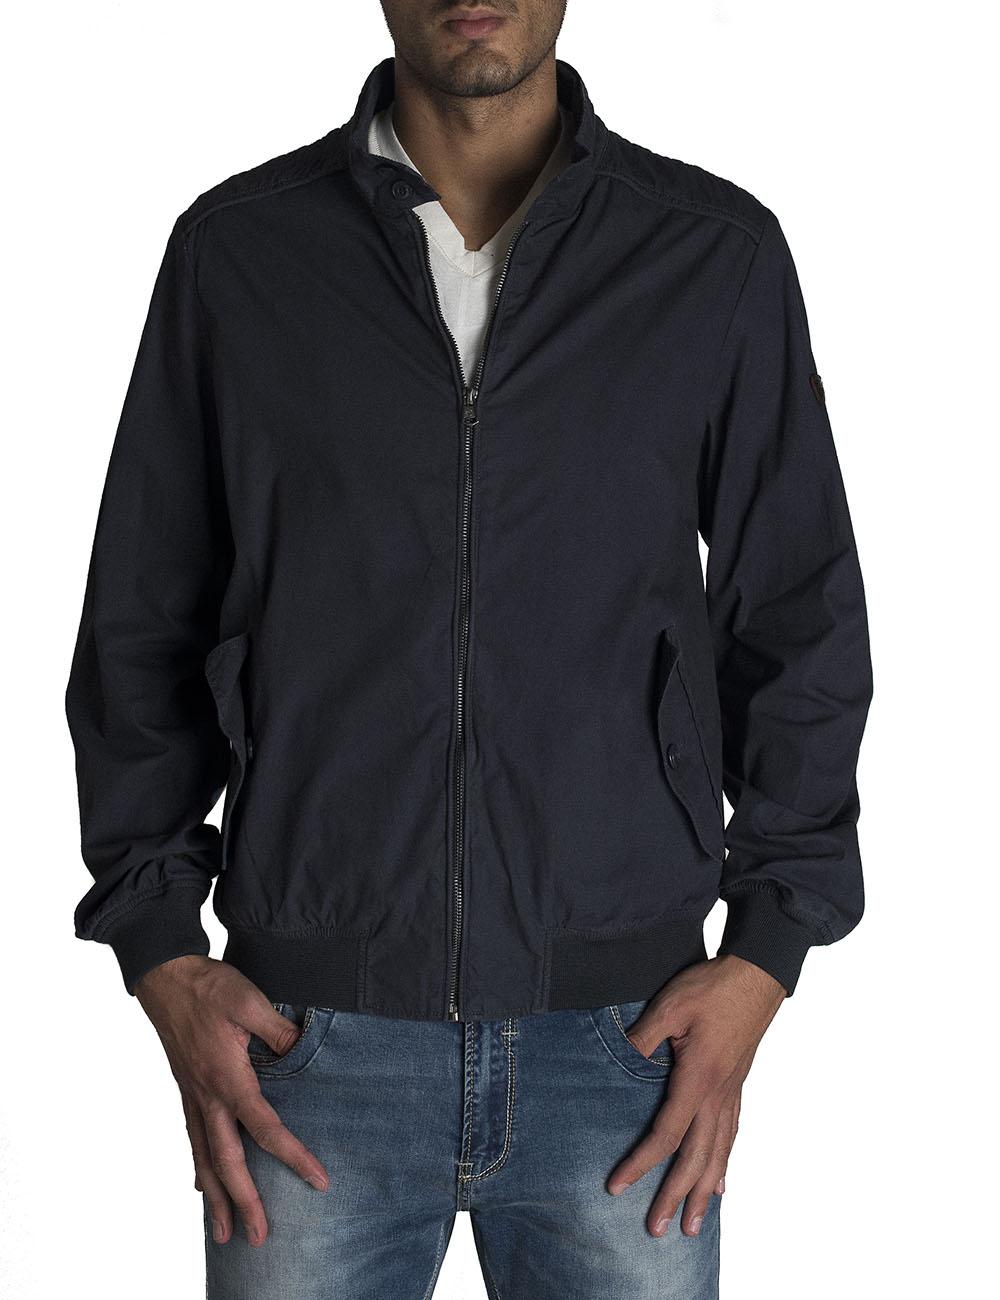 30846d17c0 Bifulco Abbigliamento : Abbigliamento Uomo Donna Online - Moda Made ...